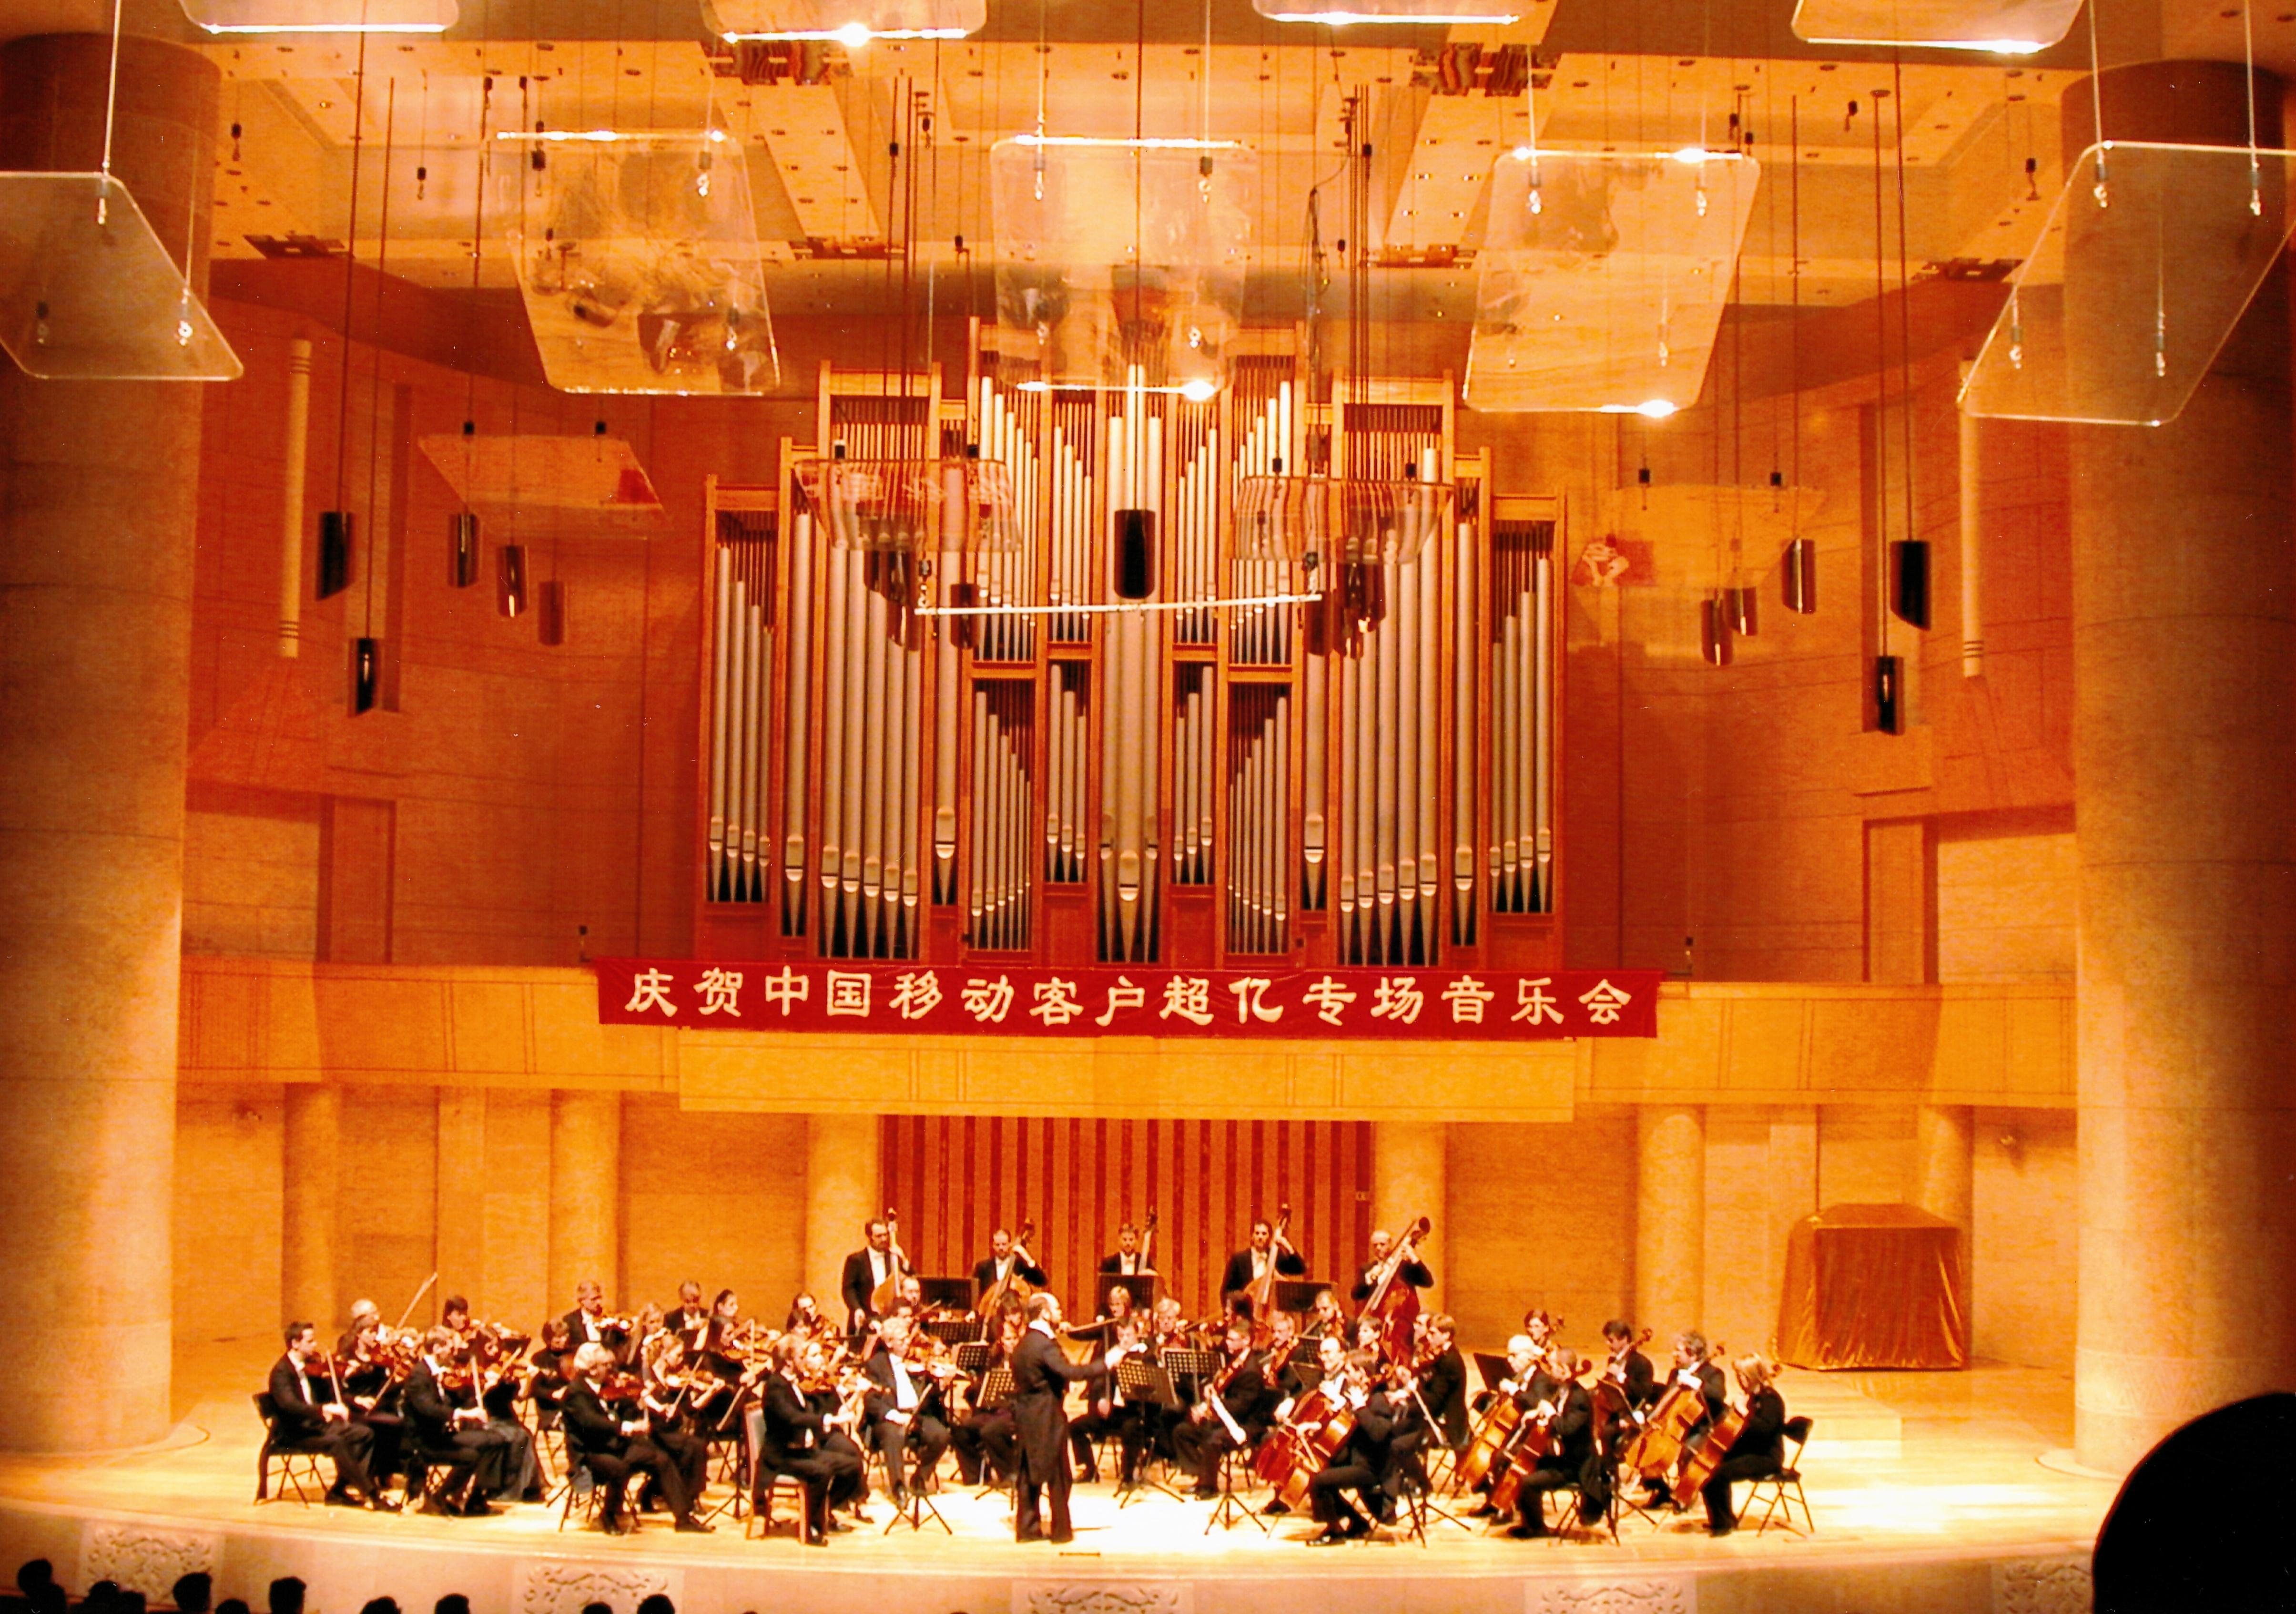 Beijing Forbidden City concert hall 2001